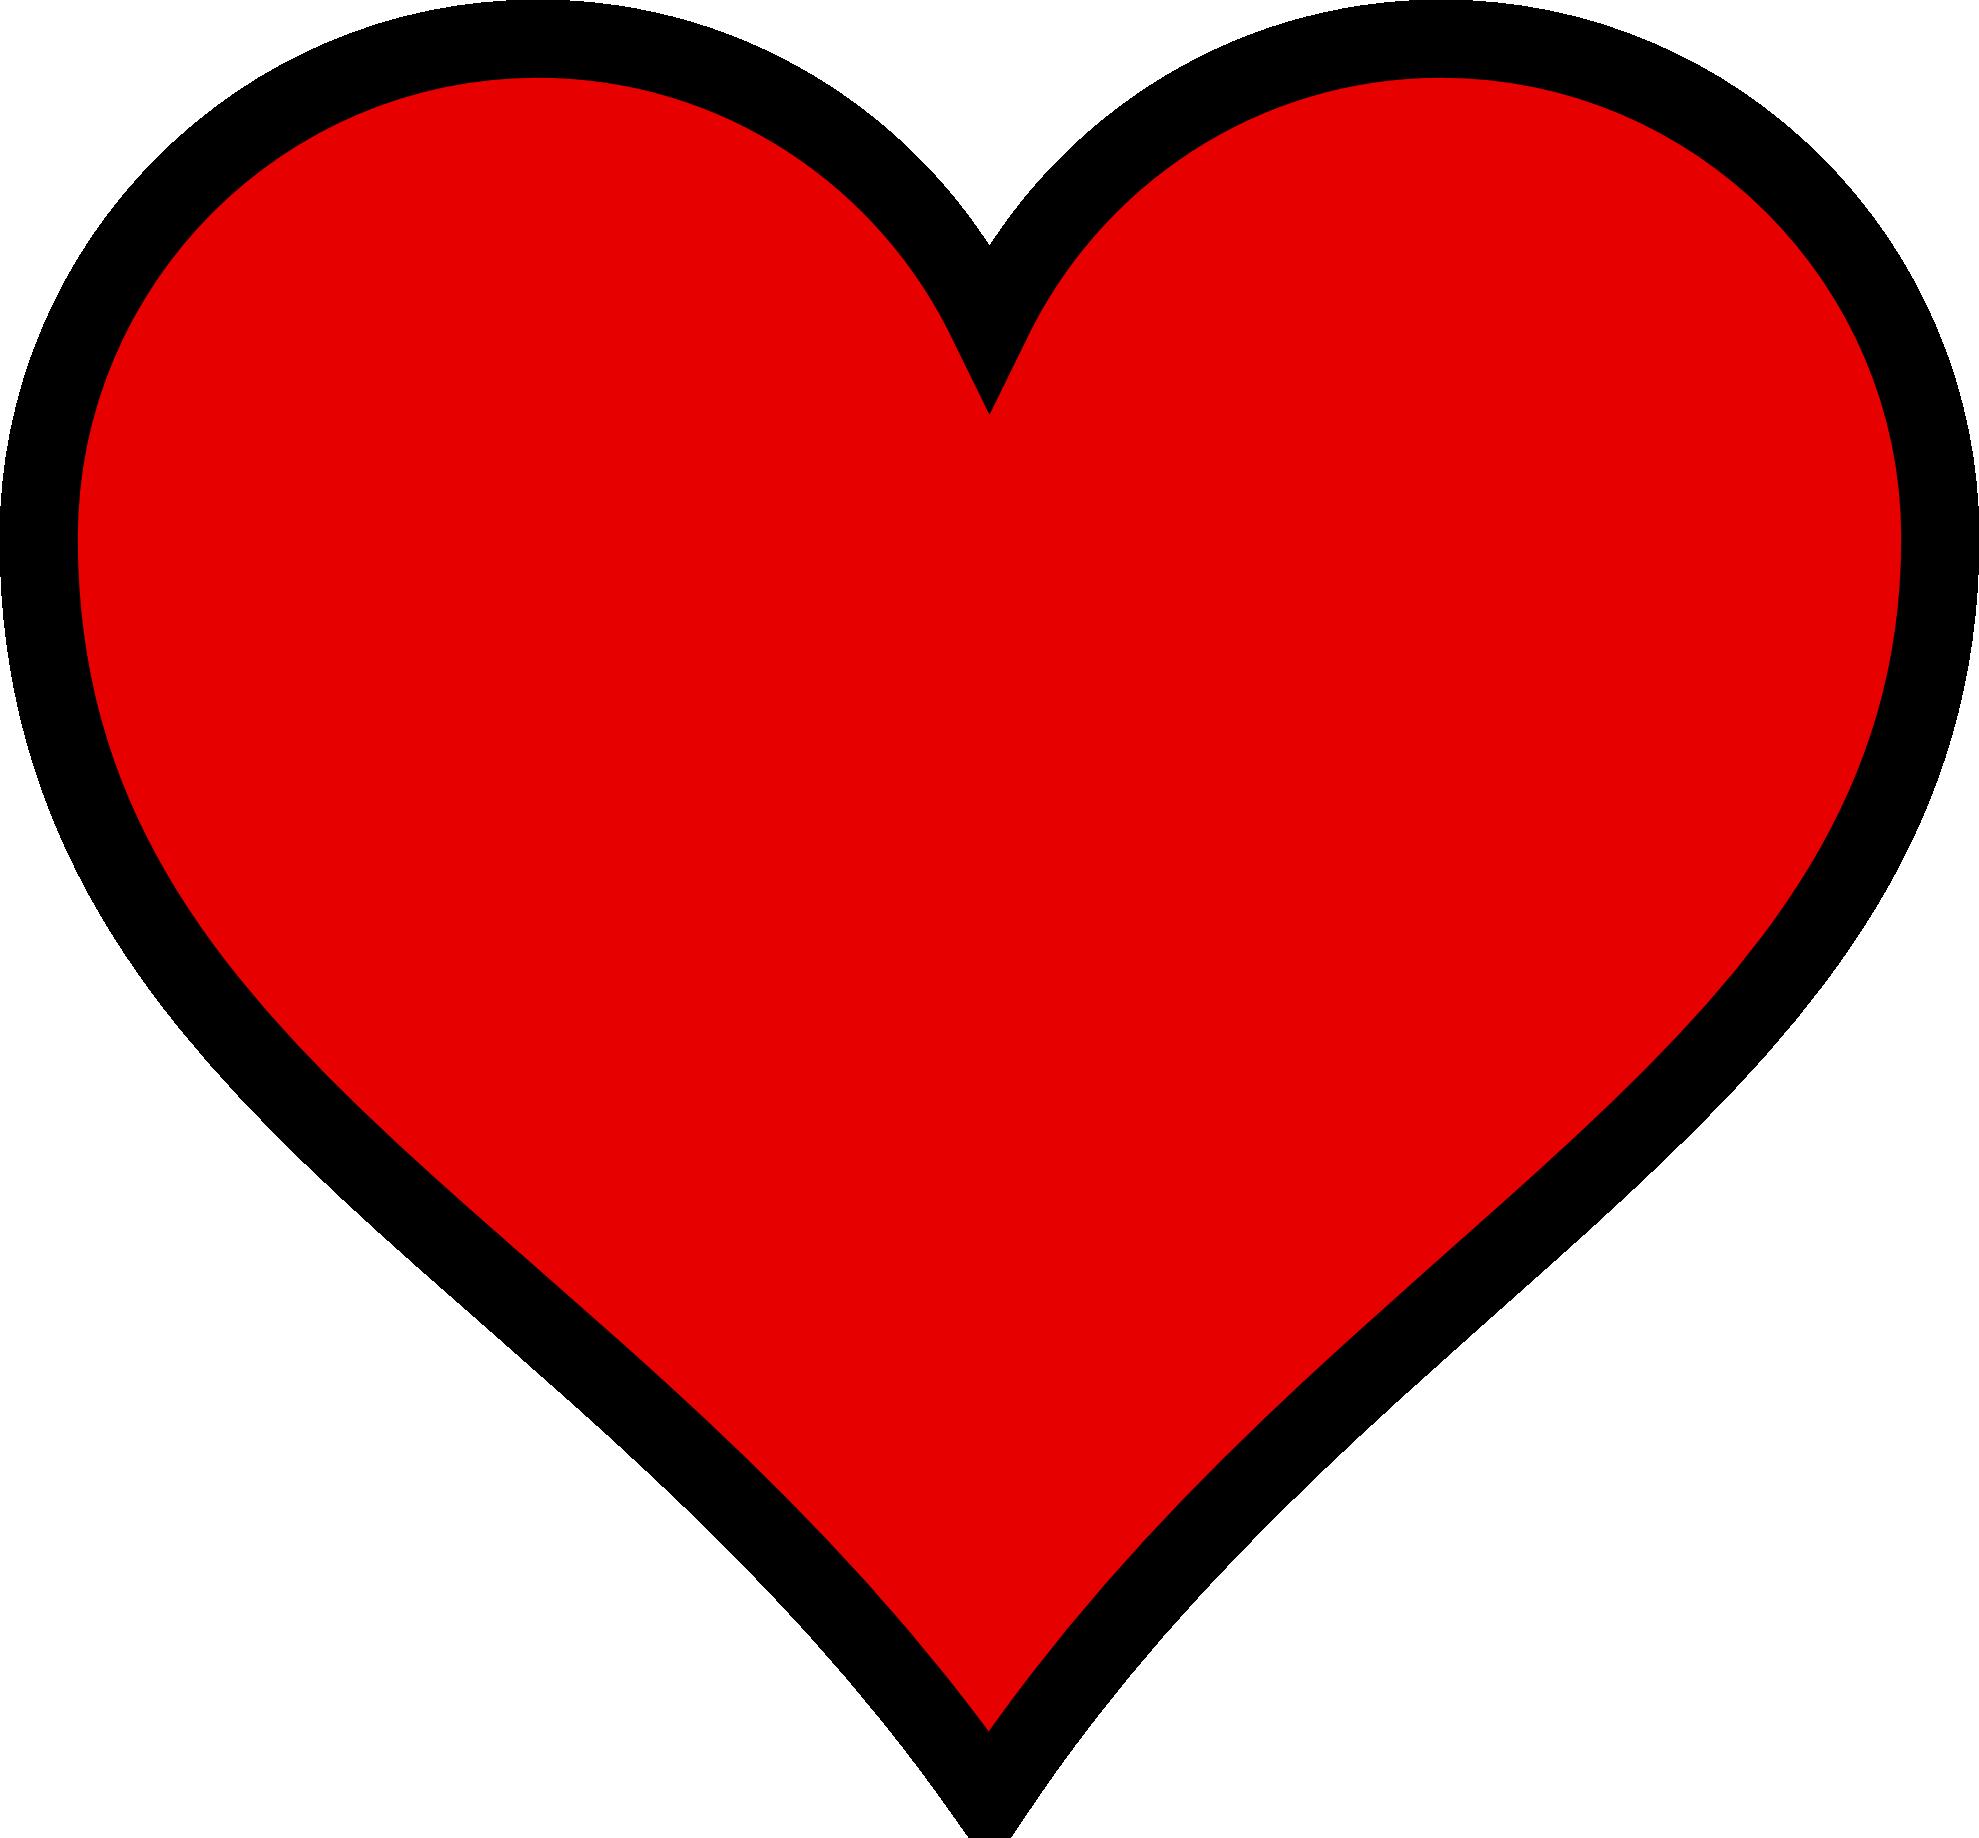 Valentine Heart Cartoon - ClipArt Best